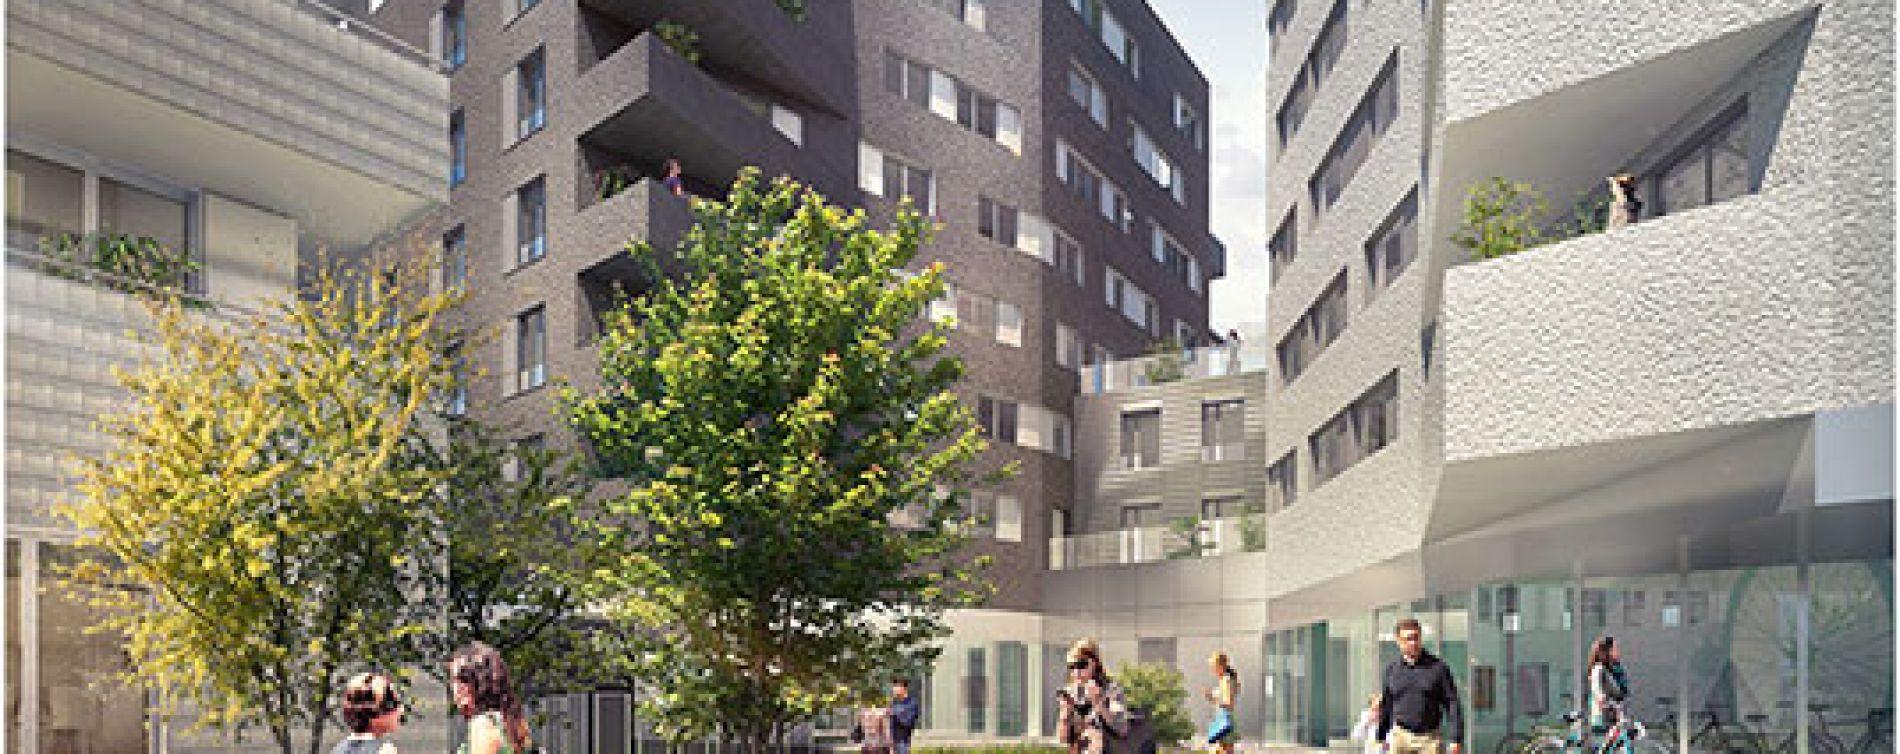 Résidence Riv'elegance à Boulogne-Billancourt